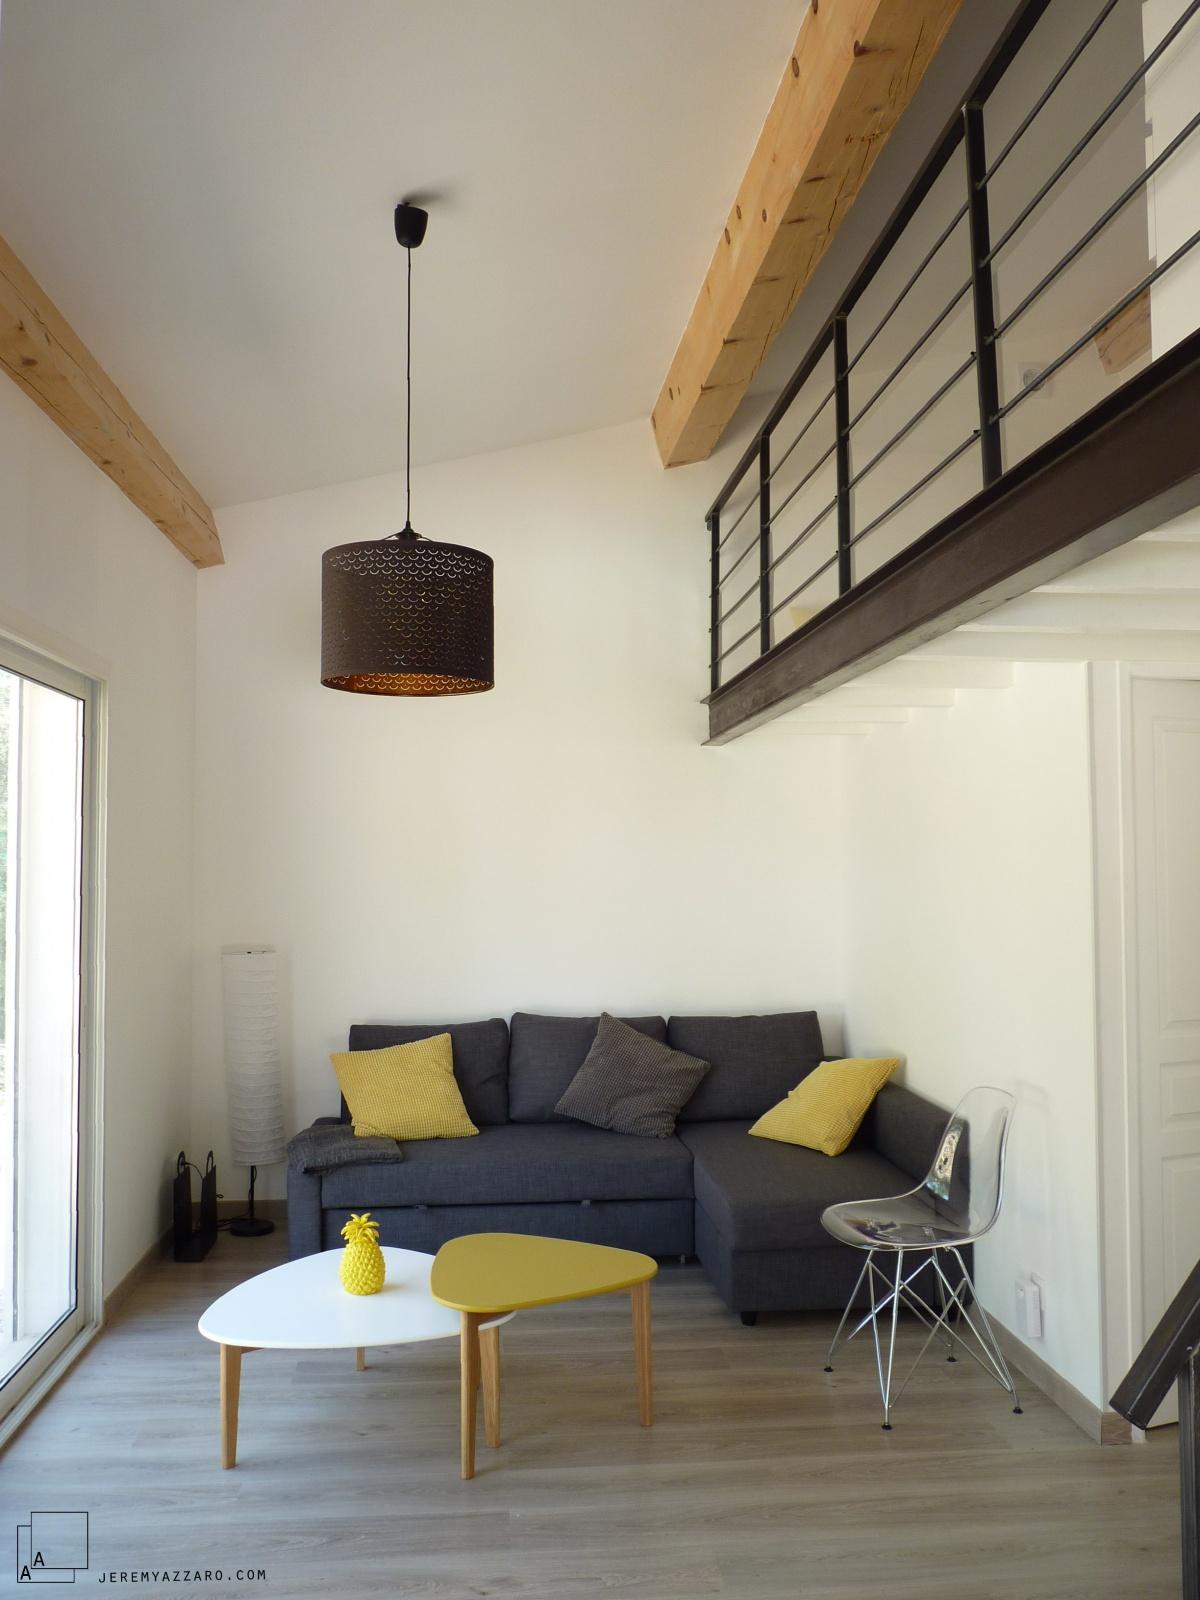 Création d'une dépendance estivale « pavillon des pins » : chambre-mezzanine-dependance-pavillon-acier-bois-azzaro-architecte-min